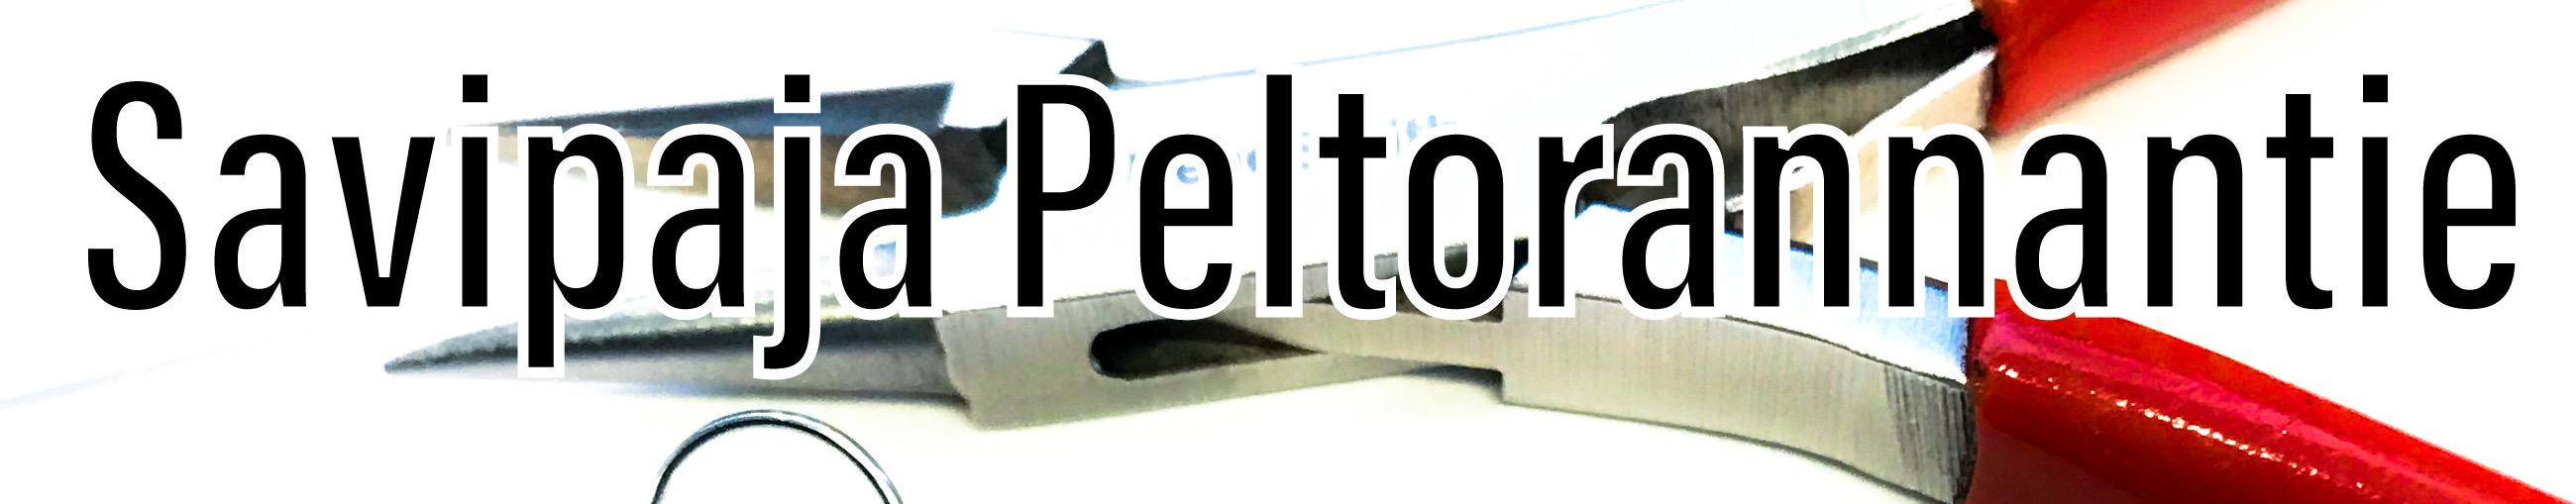 Savipaja Peltorannasta löydät helmikoruja, keramiikkaa sekä luontaishoitoja